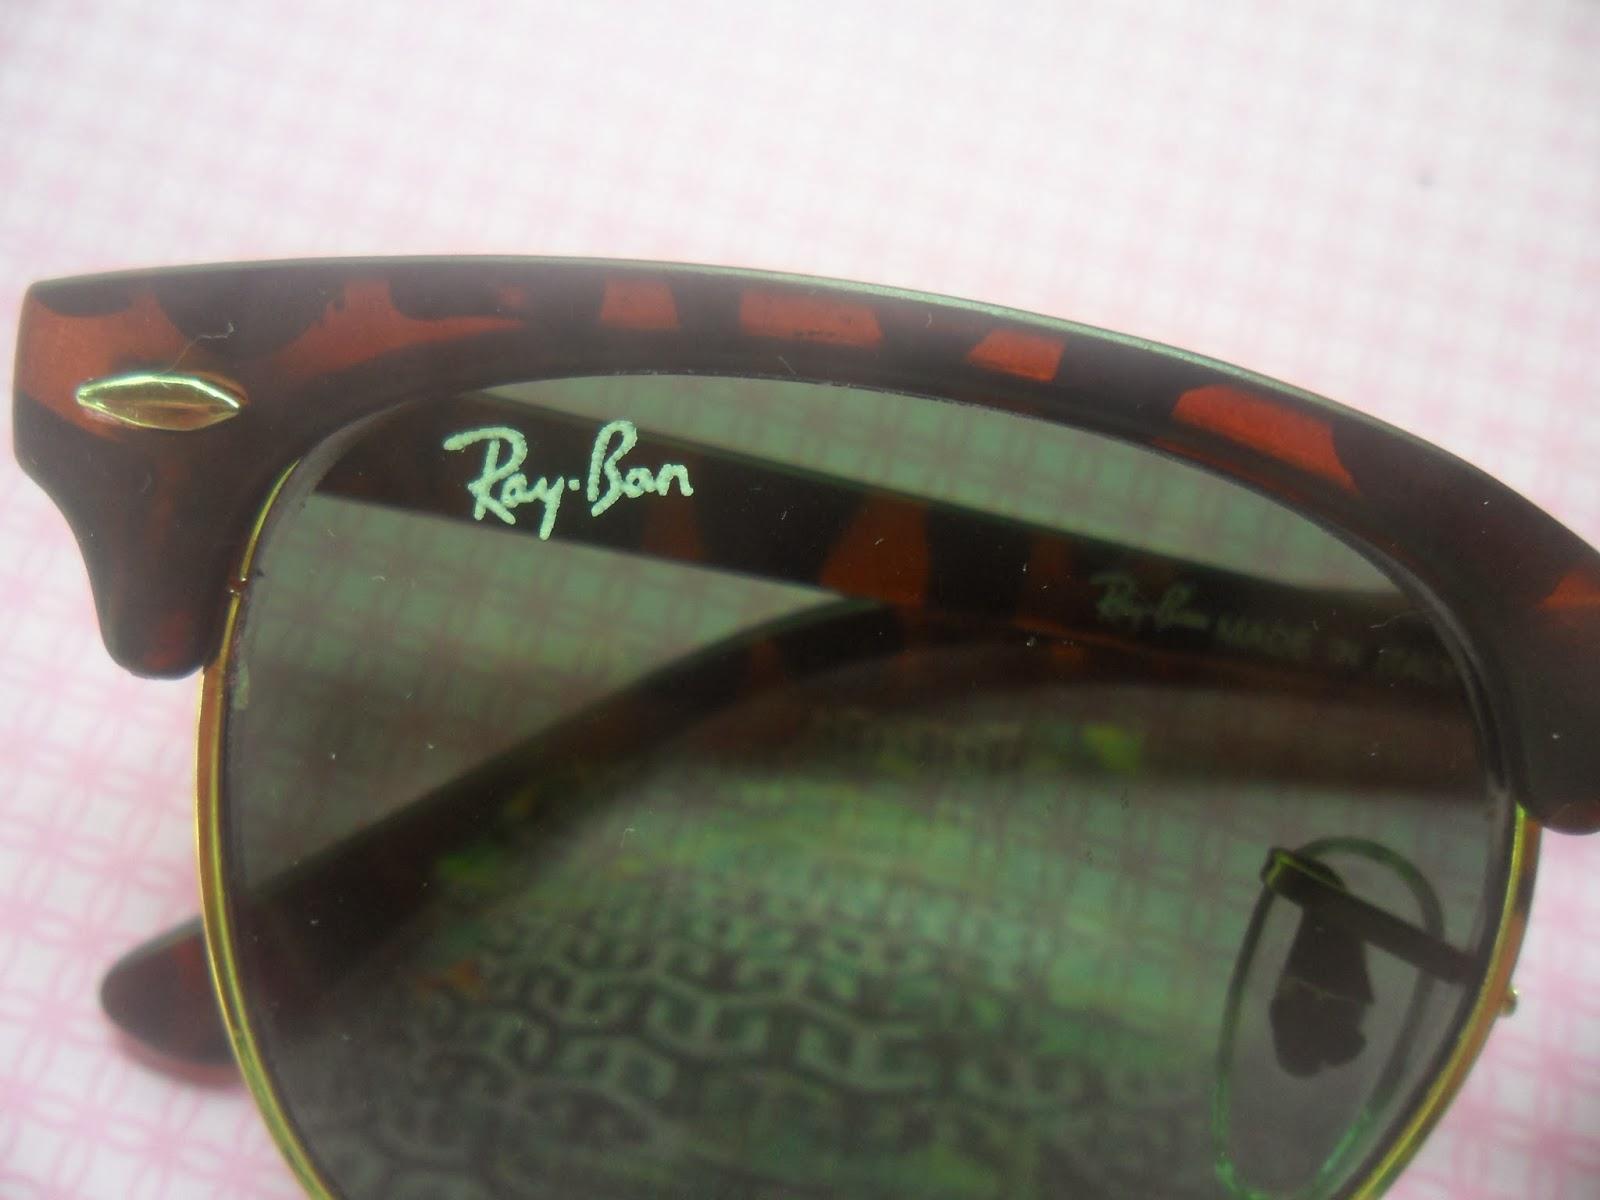 f375598bce769 Sei que ele não tem lente com proteção UV e por esse fato usarei apenas  para tirar foto. Achei ele tão lindo e não resisti